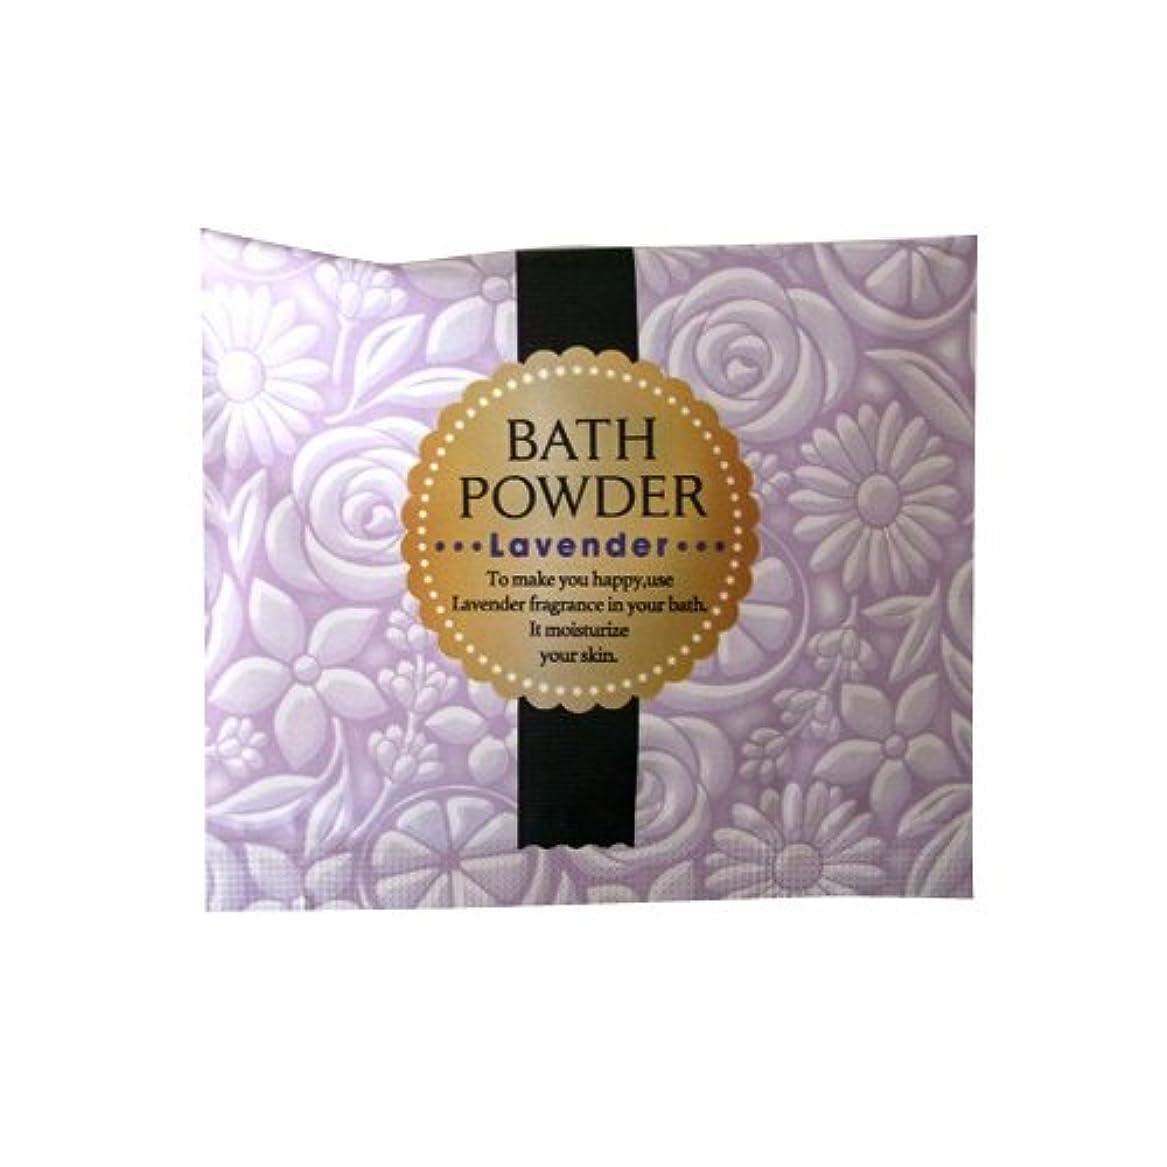 ワーディアンケース創造描く入浴剤 LUCKY BATH (ラッキーバス) 25g ラベンダーの香り